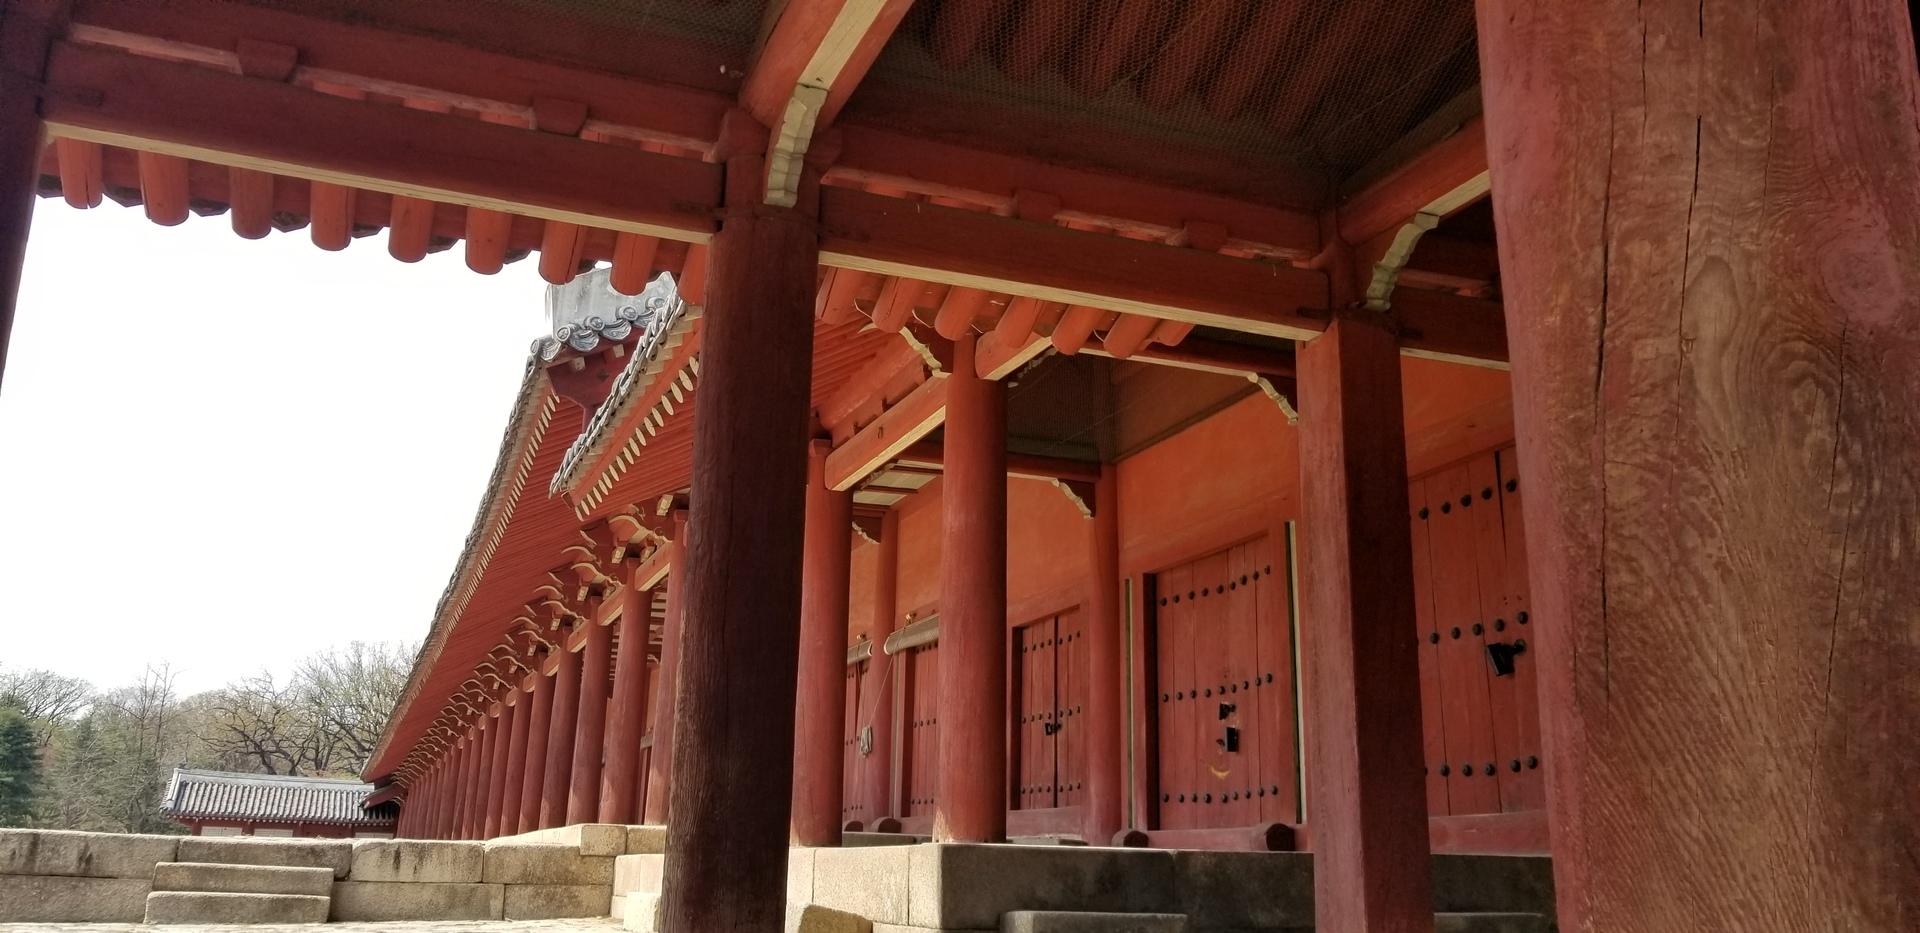 何度か、韓国は訪れてますが、宗廟は、初めてでした。個人では、入れない静かで厳かな空気の場所でした。 水原、宗廟、昌徳宮、北村と押さえるべき観光場所を回れて、贅沢なツアーです。 ただ、昼食が残念でした。